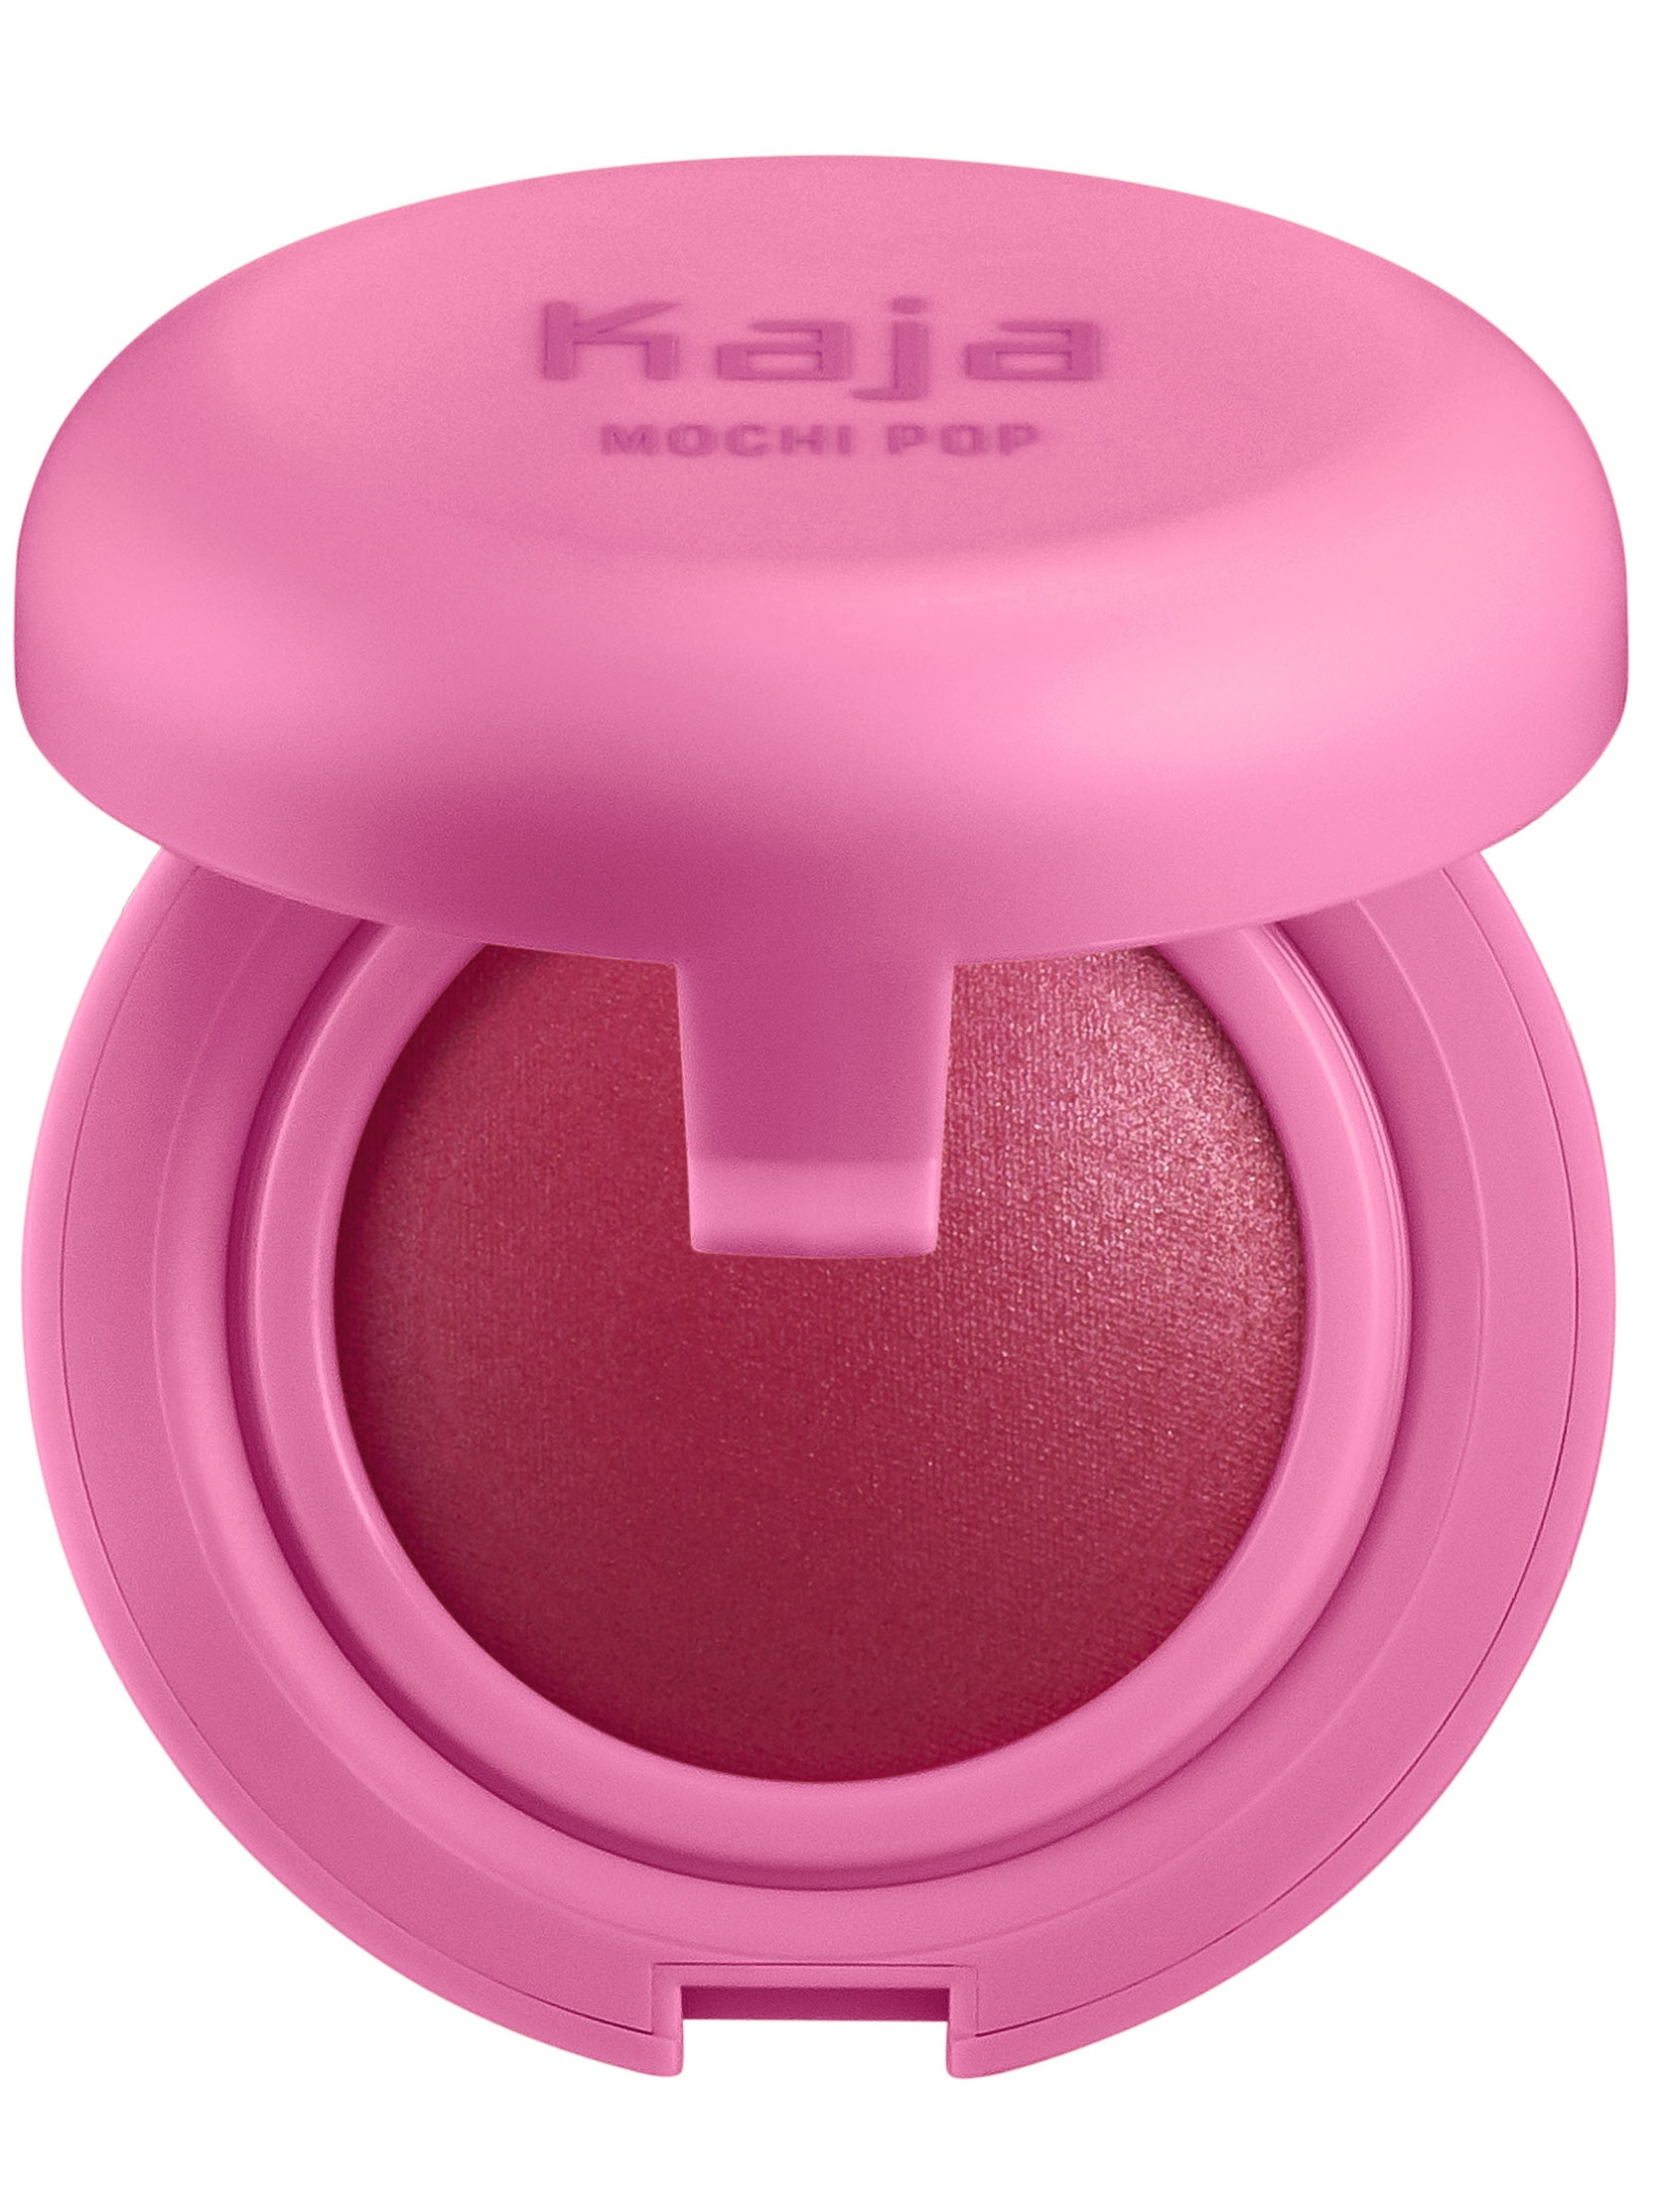 KAJA® Beauty Mochi Pop Bouncy Blush in Spoils of Mars